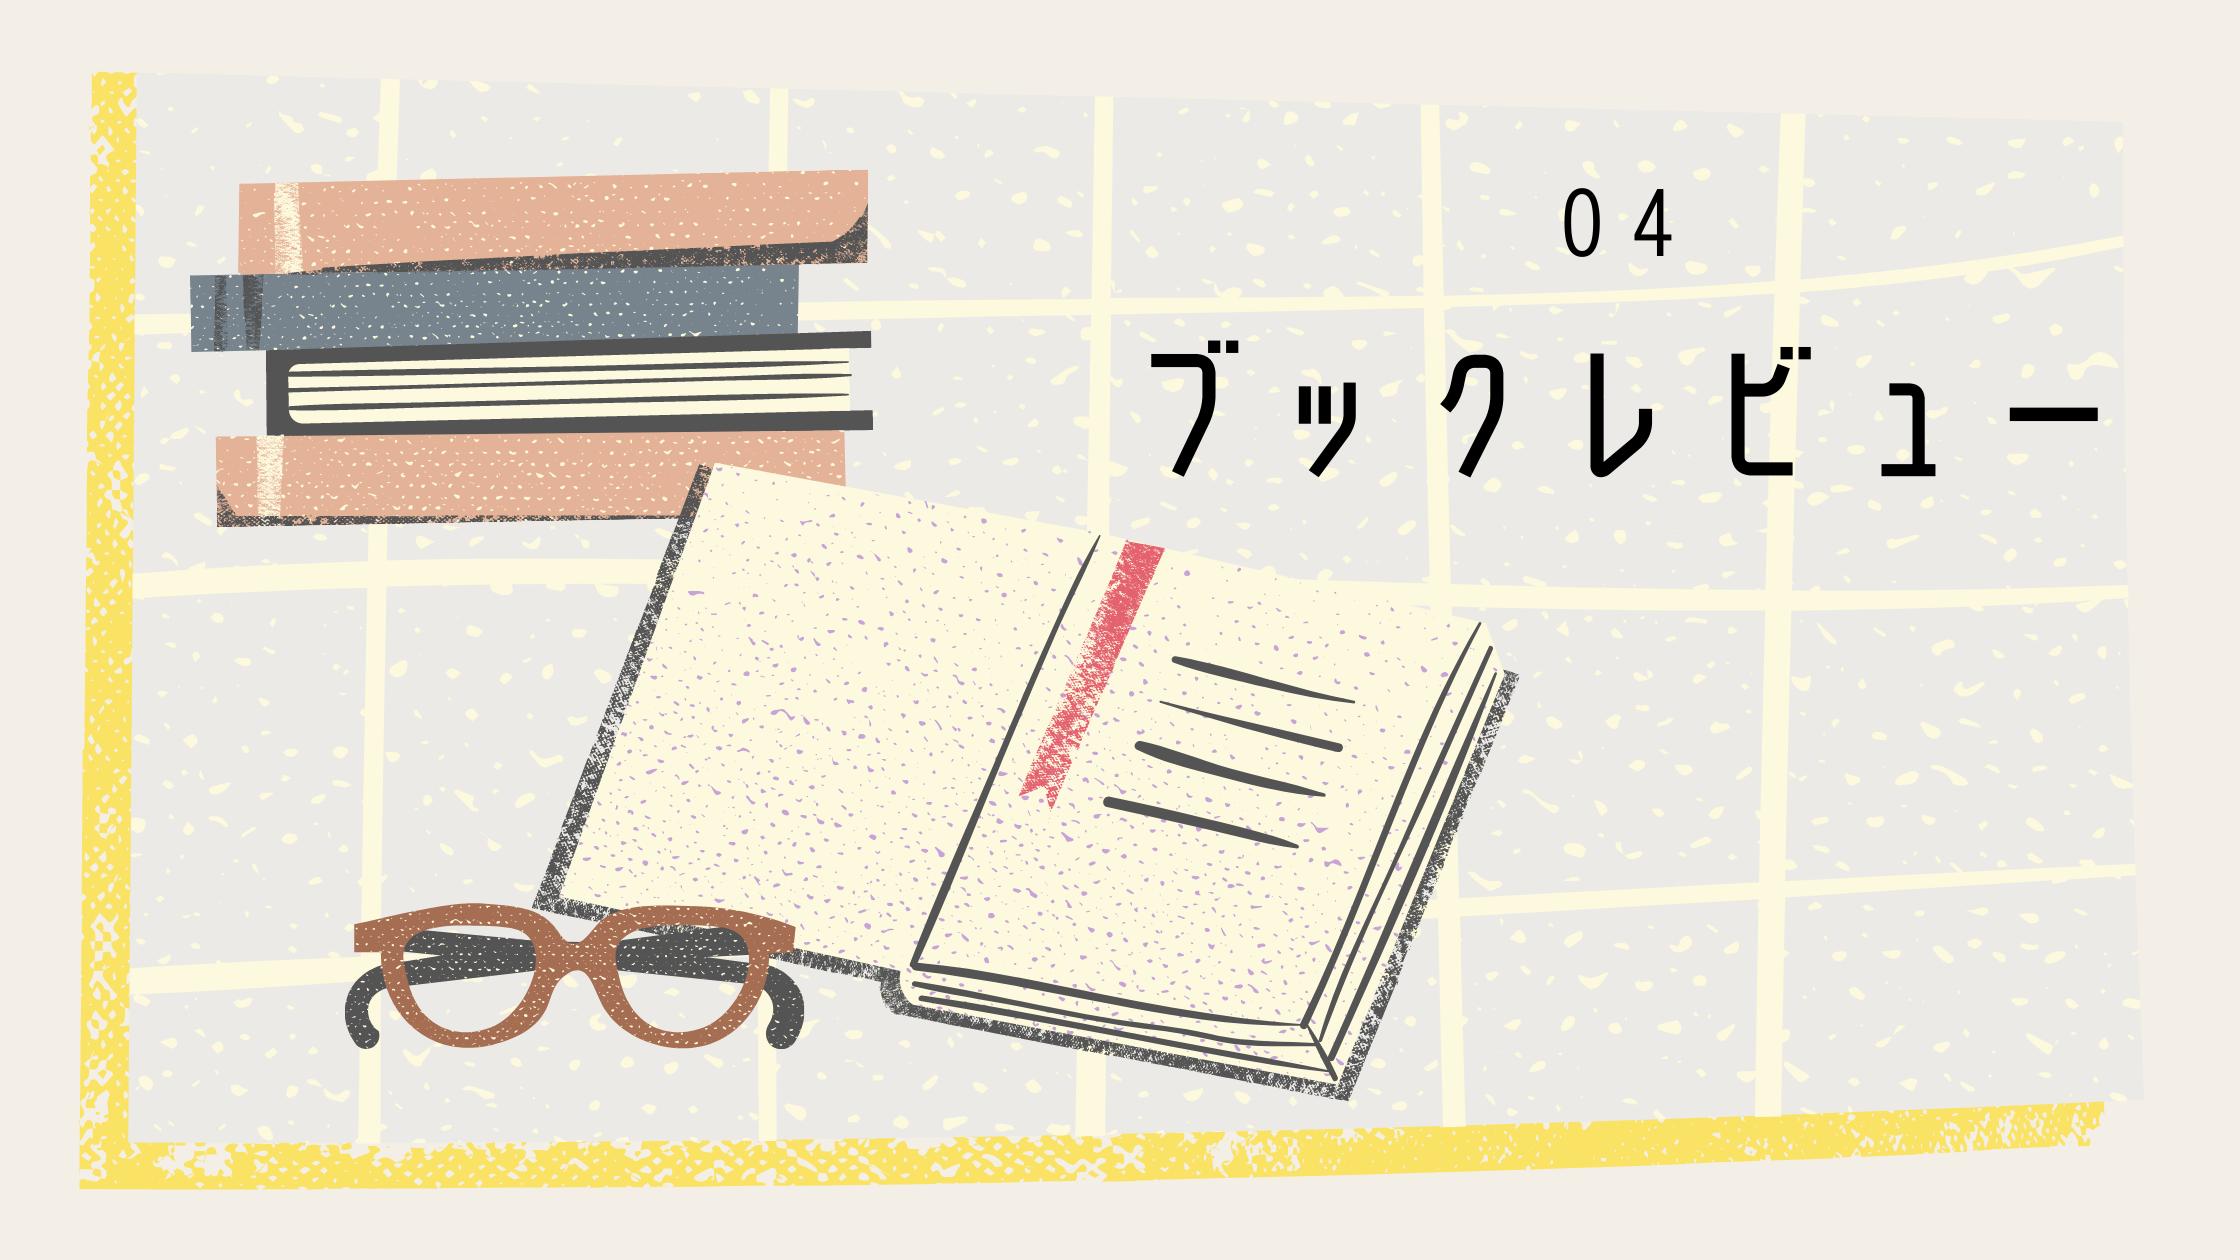 実家片付け中の方へのおすすめ本〜人生決算書!?雑誌「通販生活」2021夏号の特集が面白い